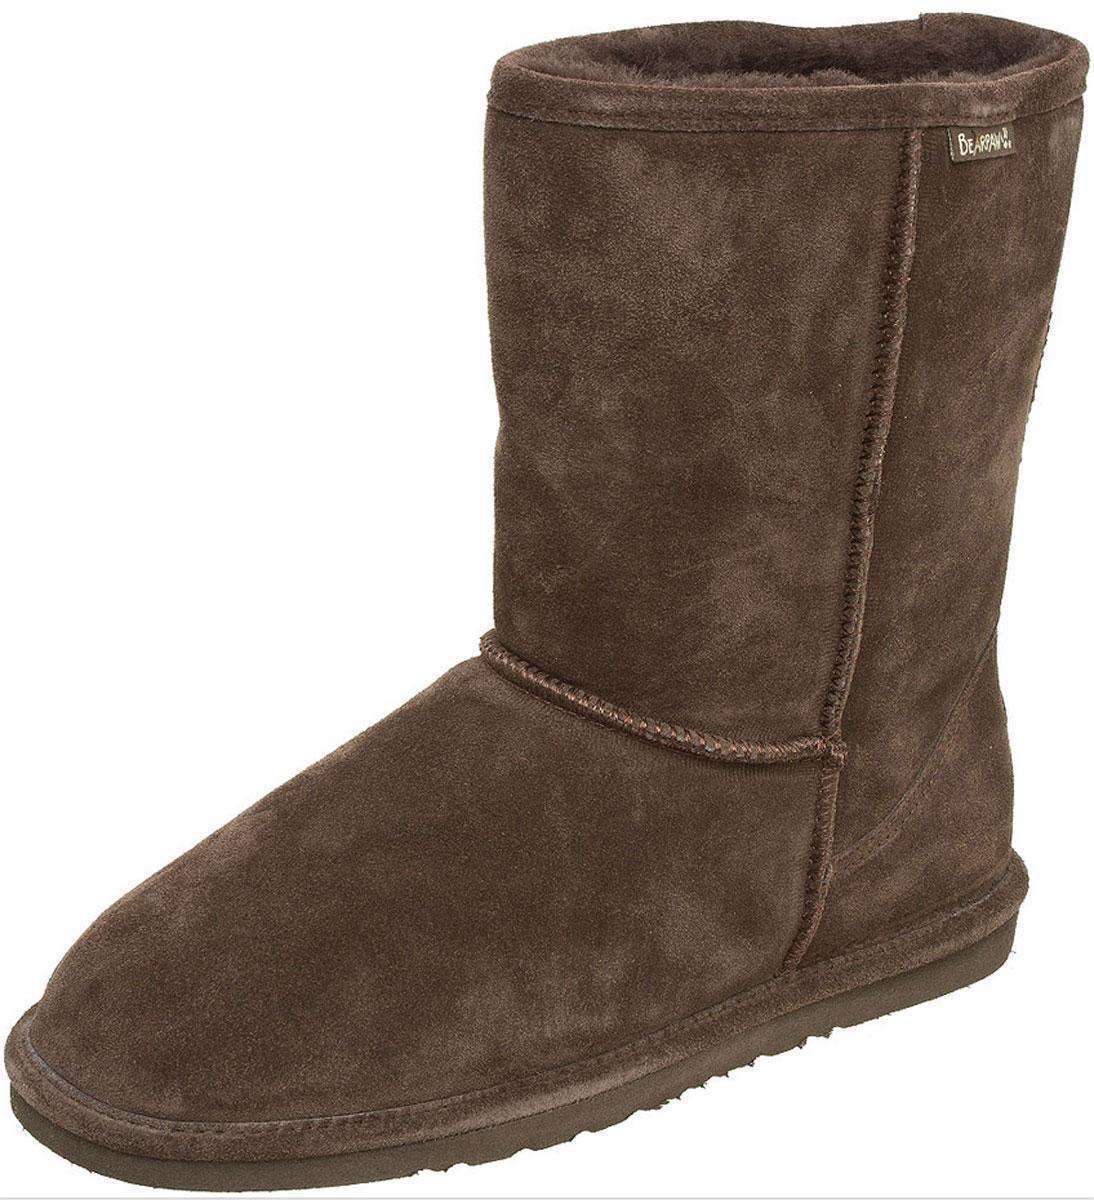 Угги мужские Dorado. 430M430MКлассические мужские угги Bearpaw Dorado не позволят вашим ногам замерзнуть. Модель выполнена из натуральной замши и оформлена крупными декоративными швами, на заднике - текстильной нашивкой с названием бренда. Ширина голенища компенсирует отсутствие застежек. Подкладка и стелька, выполненные из натуральной овечьей шерсти, подарят вашим ногам комфорт и уют. Подошва с рифлением защищает изделие от скольжения. Стильные угги займут достойное место среди вашей коллекции обуви. В них вашим ногам будет комфортно и уютно.